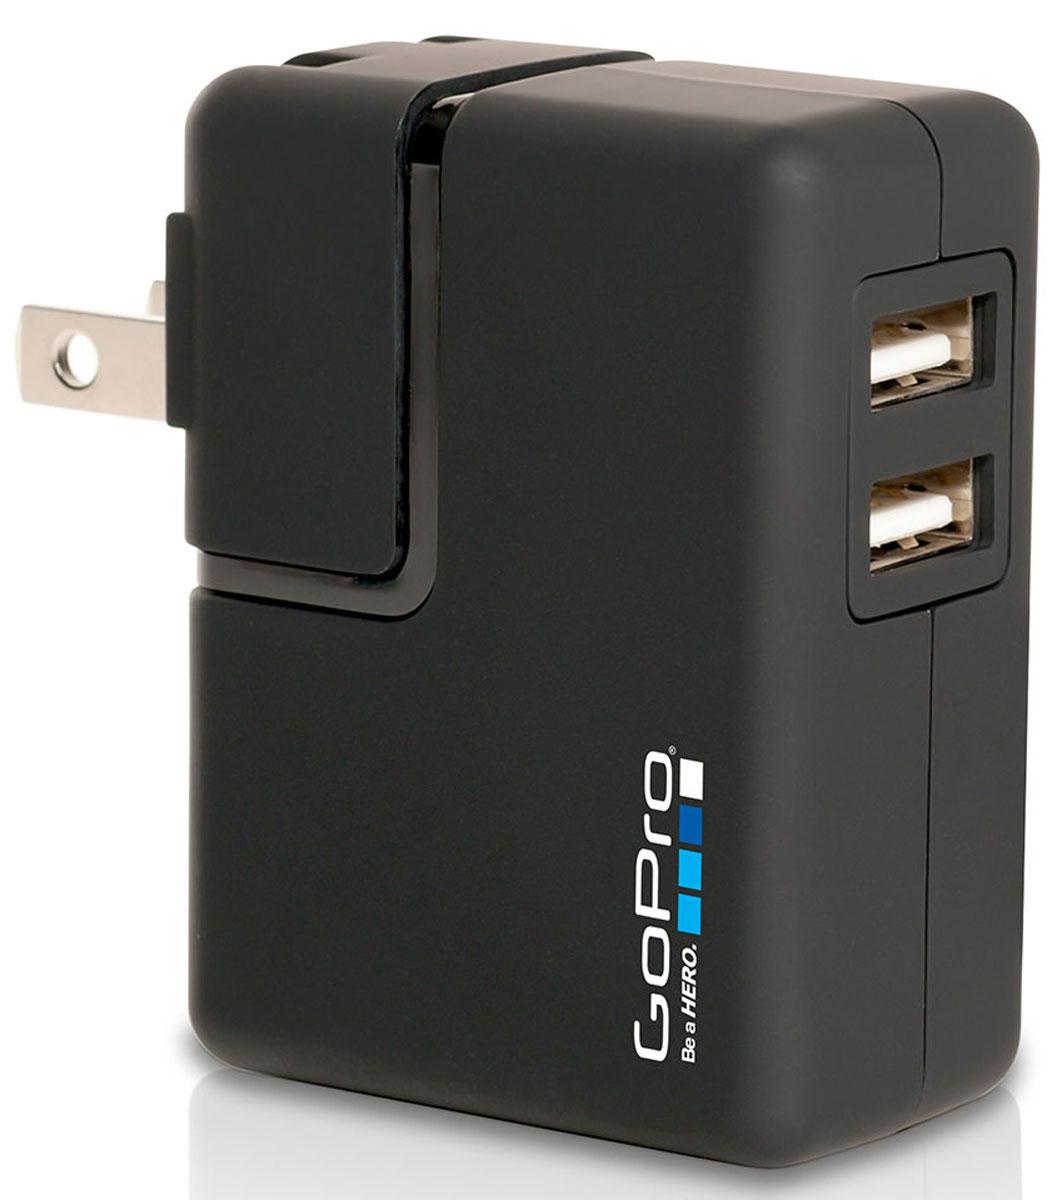 GoPro Wall Charger сетевое зарядное устройствоAWALC-001Заряжайте две камеры одновременно в любой точке земного шара! Сетевое зарядное устройство GoPro Wall Charger обеспечивает зарядку вашей GoPro в два раза быстрее, чем от USB, компьютера или ноутбука. Несомненный плюс Wall Charger - это возможность записи фотографий и видеороликов, в том числе во время зарядки. Данная модель включает в себя адаптер переменного тока для Соединенных Штатов Америки, Соединенного Королевства Великобритании, Европейского союза и Африканского союза. Возможно использование со многими устройствами, работающим через USB. Процесс зарядки абсолютно безопасен и прост в эксплуатации.